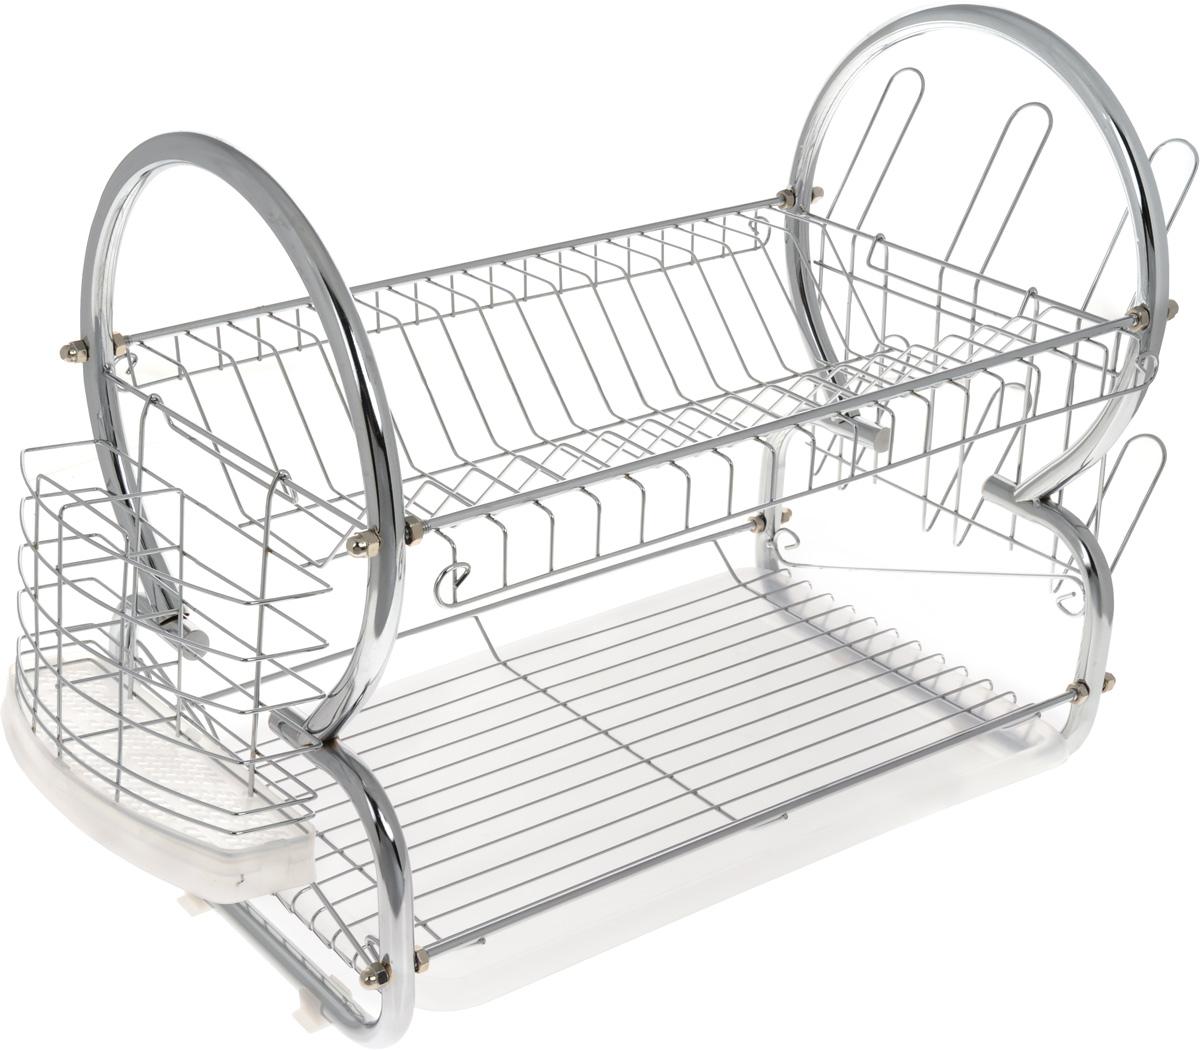 """Двухъярусная сушилка для посуды """"Bekker"""" выполнена из  хромированной нержавеющей стали и пластика. Изделие  оснащено поддоном для стекания воды и подставками для  столовых приборов и стаканов. Сушилка может  быть установлена как на столе, так и подвешена на стену при  помощи крючков (не входят в комплект).  Размер сушилки (с учетом подставок): 50 х 29 х 37 см. Размер поддона: 38 х 24,5 х 2,5 см."""